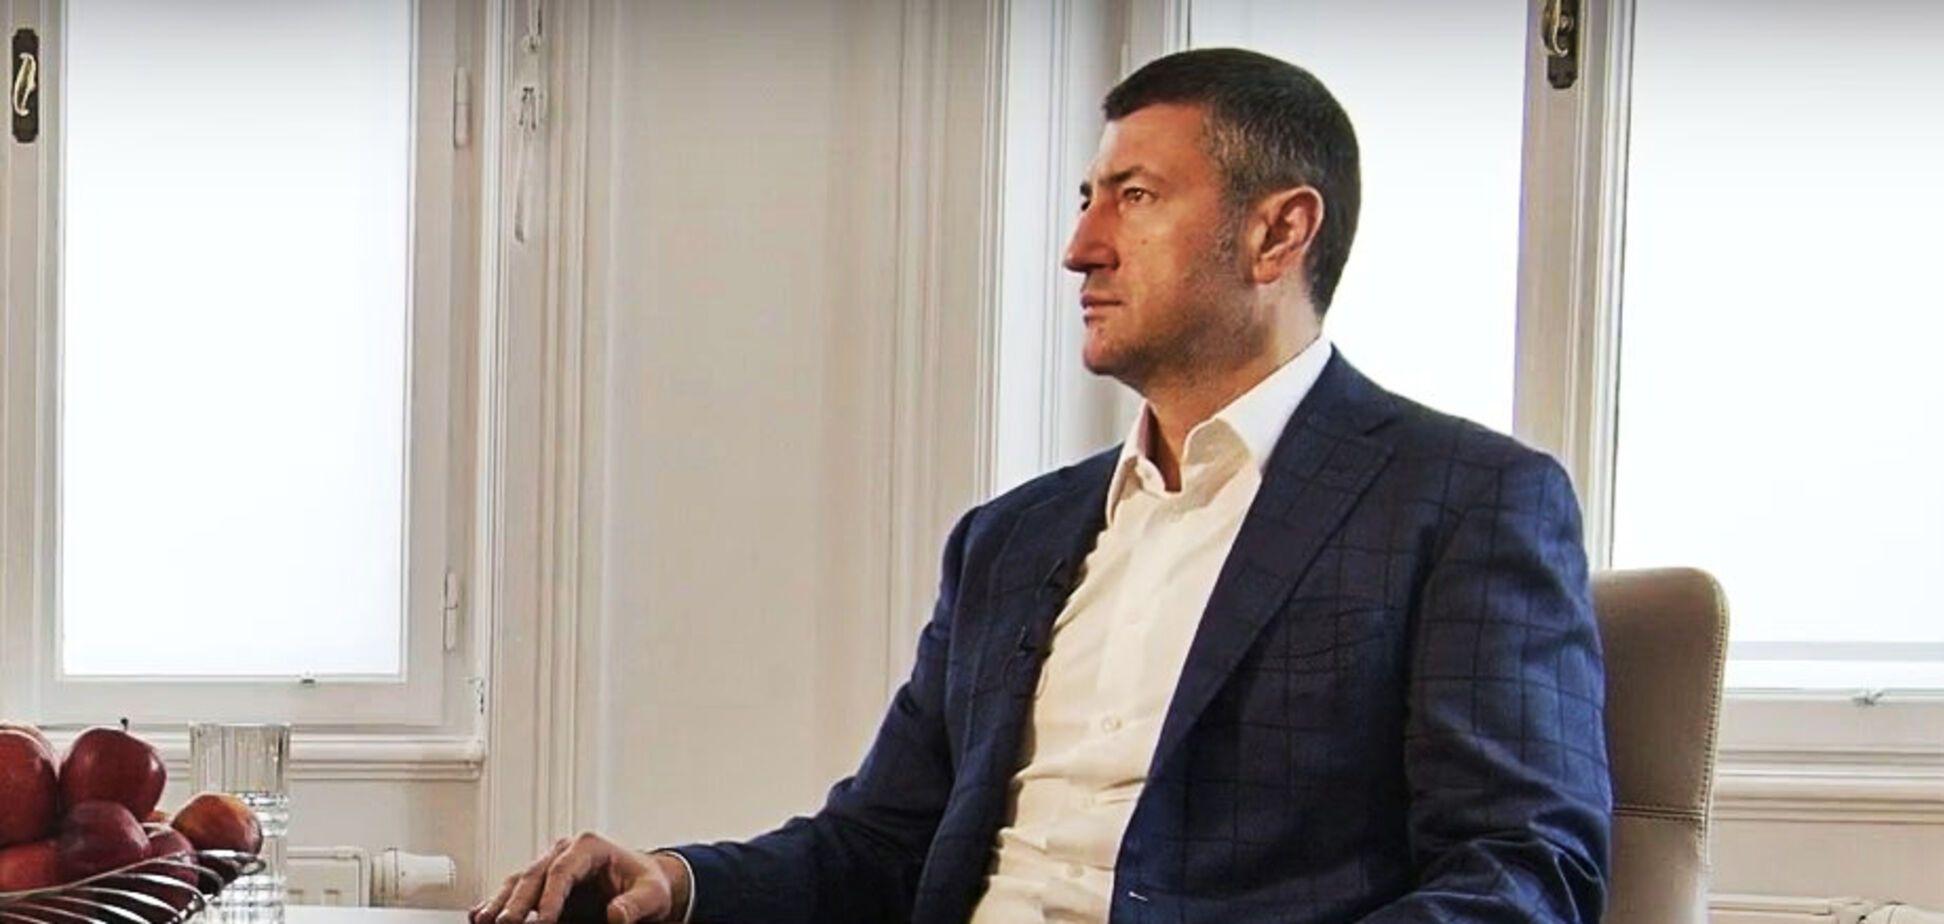 Десятки країн готові дати Україні мільярди під стабільні поставки продукції, – Бахматюк